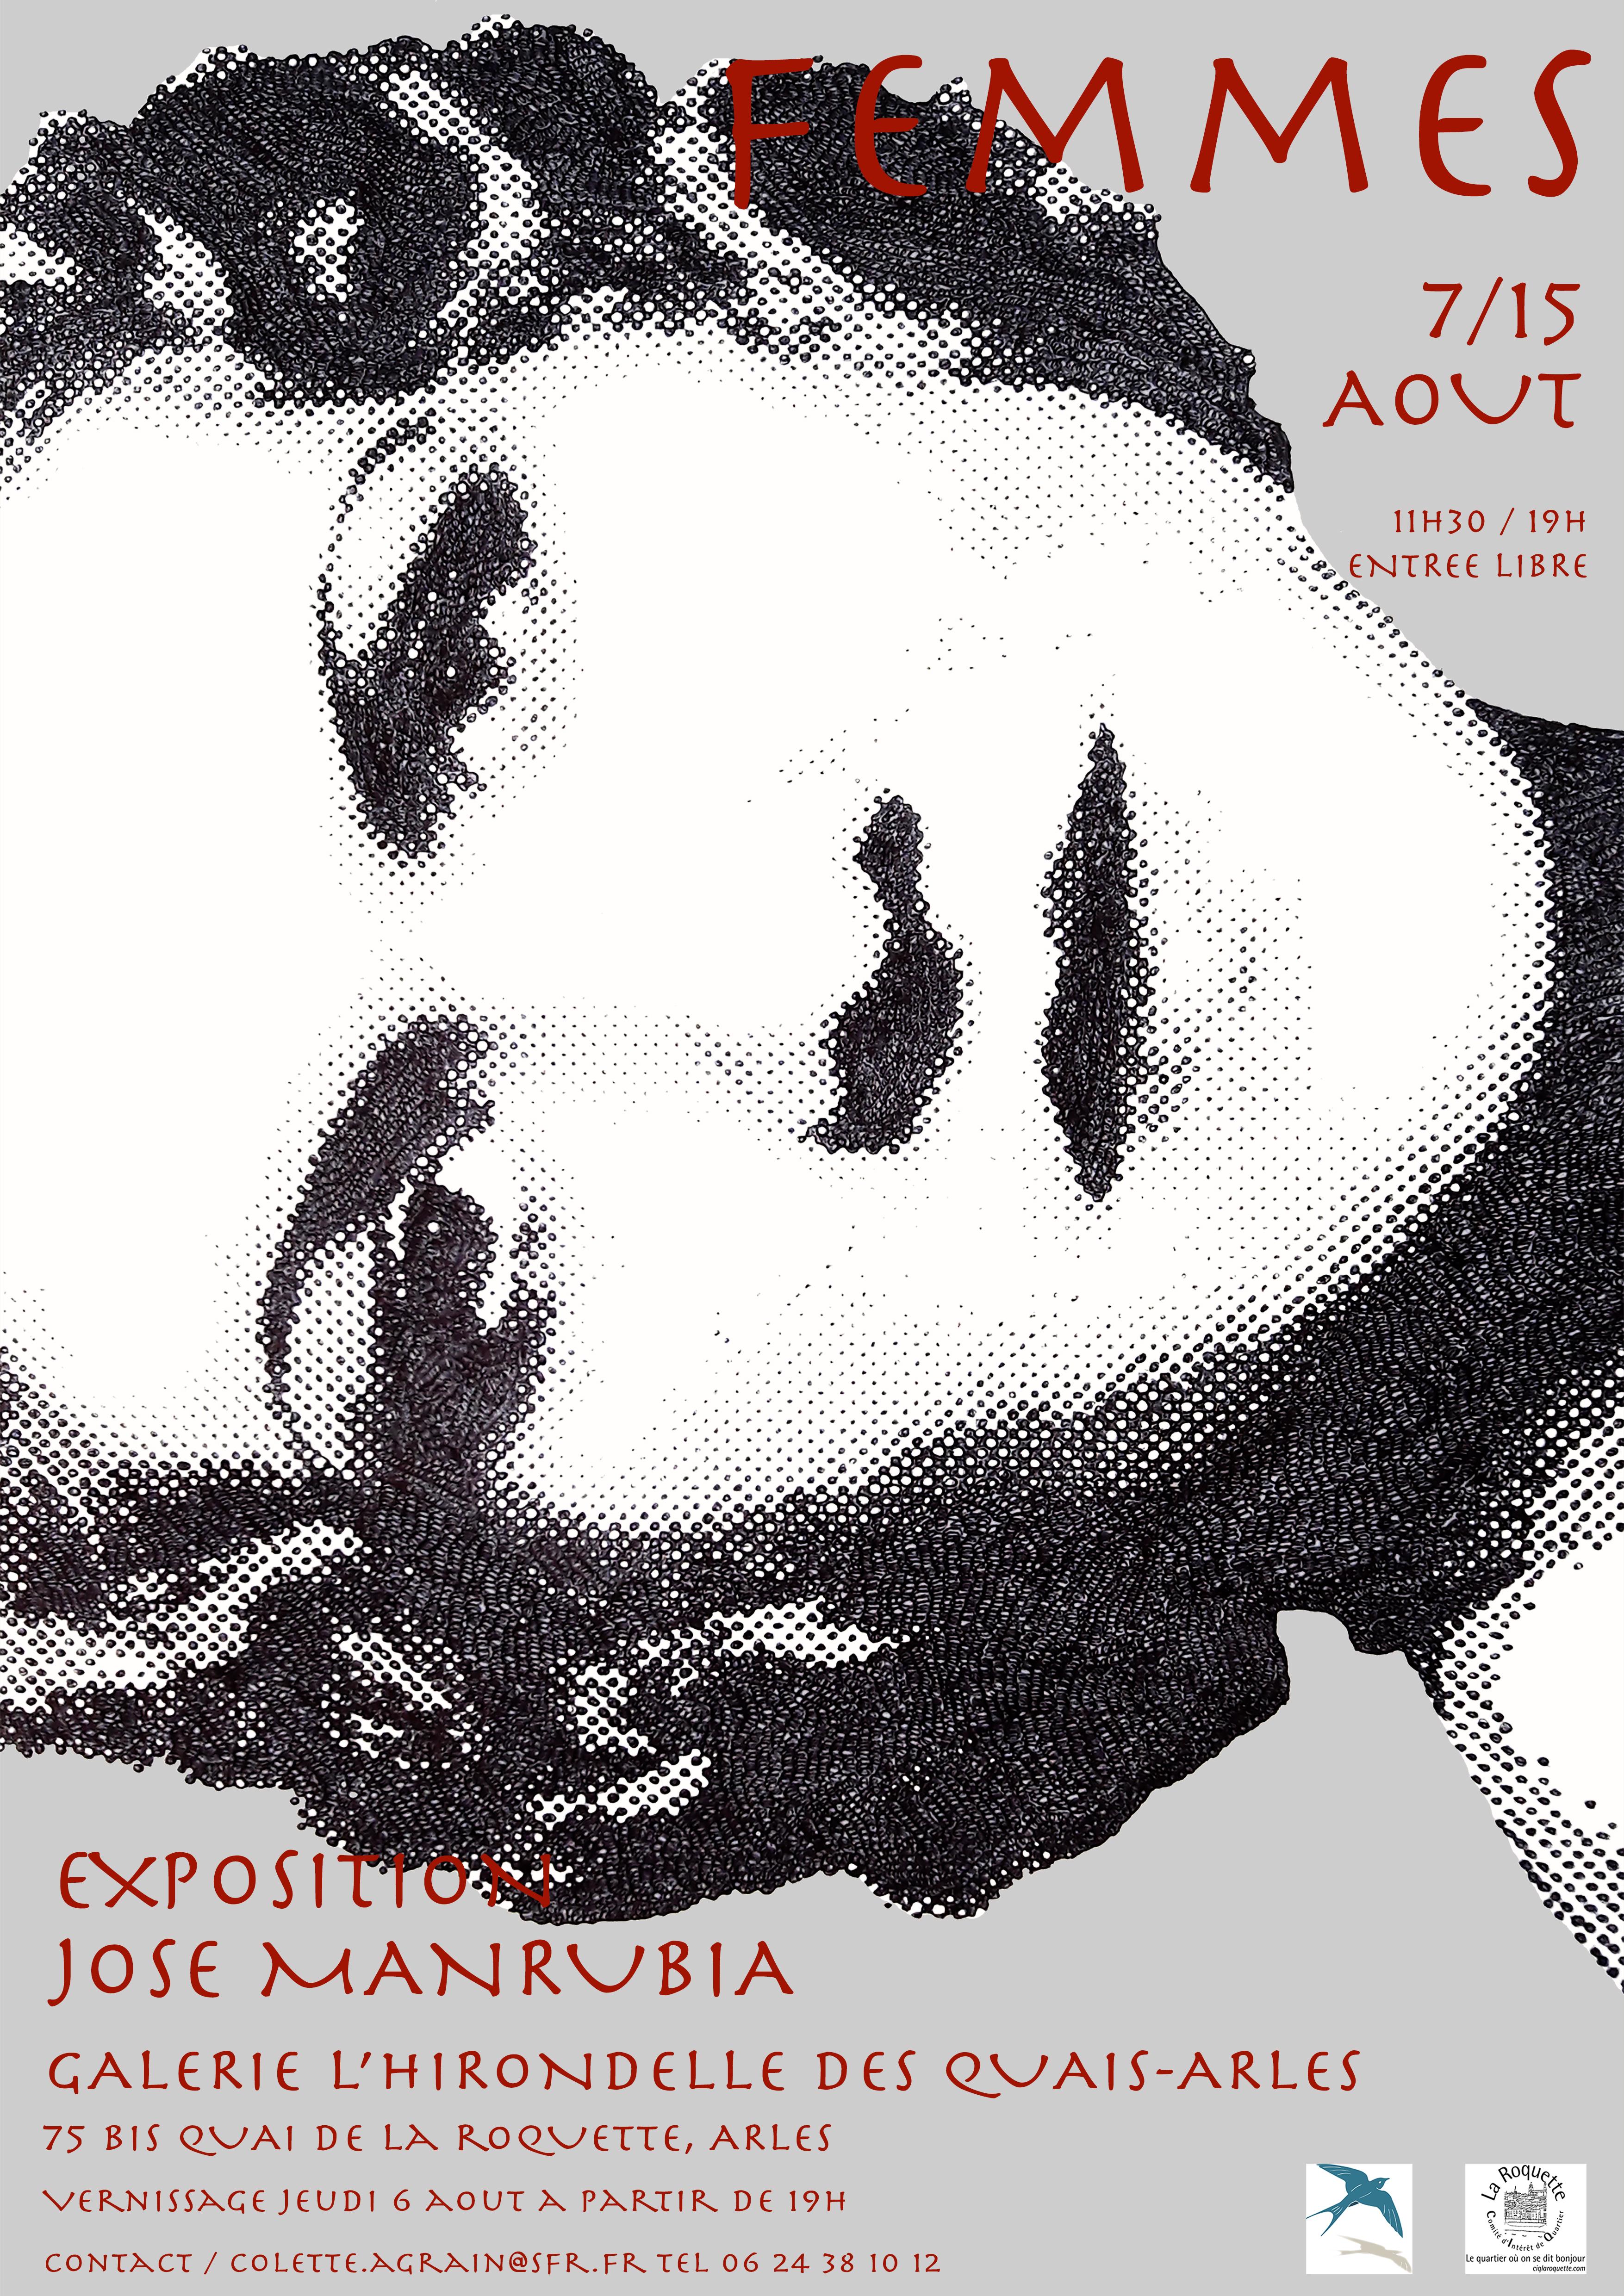 Exposition de José Manrubia...en Août à Arles, le Flamenco est Reine !